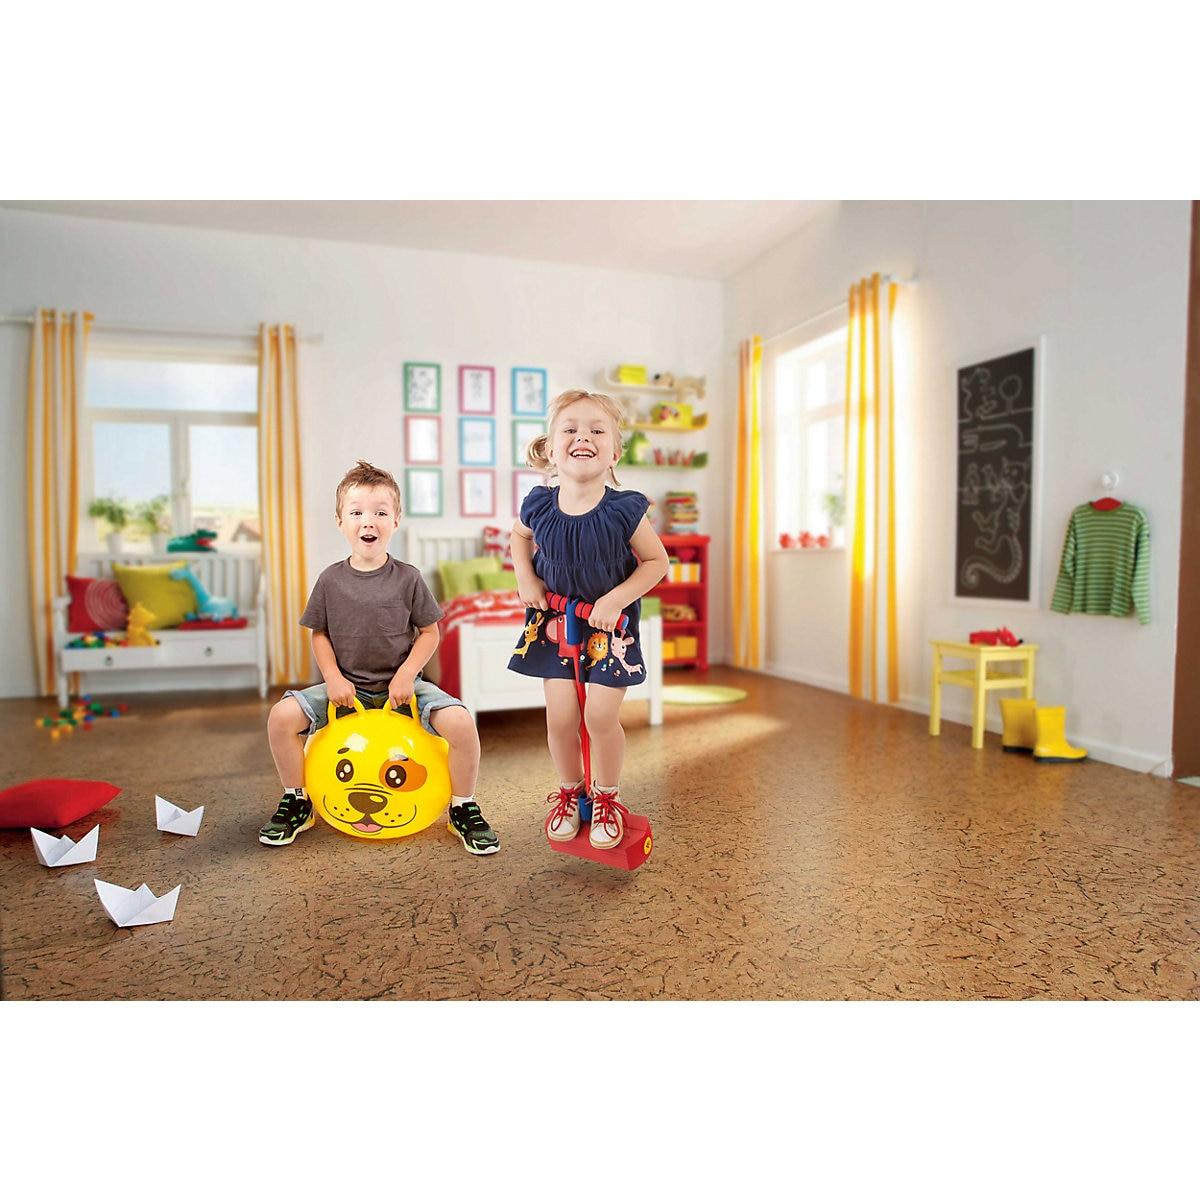 MOBY enfants bébé activité gymnastique 6844287 bambin jouets exercice machine pour sauter pour les filles et les garçons MTpromo - 4